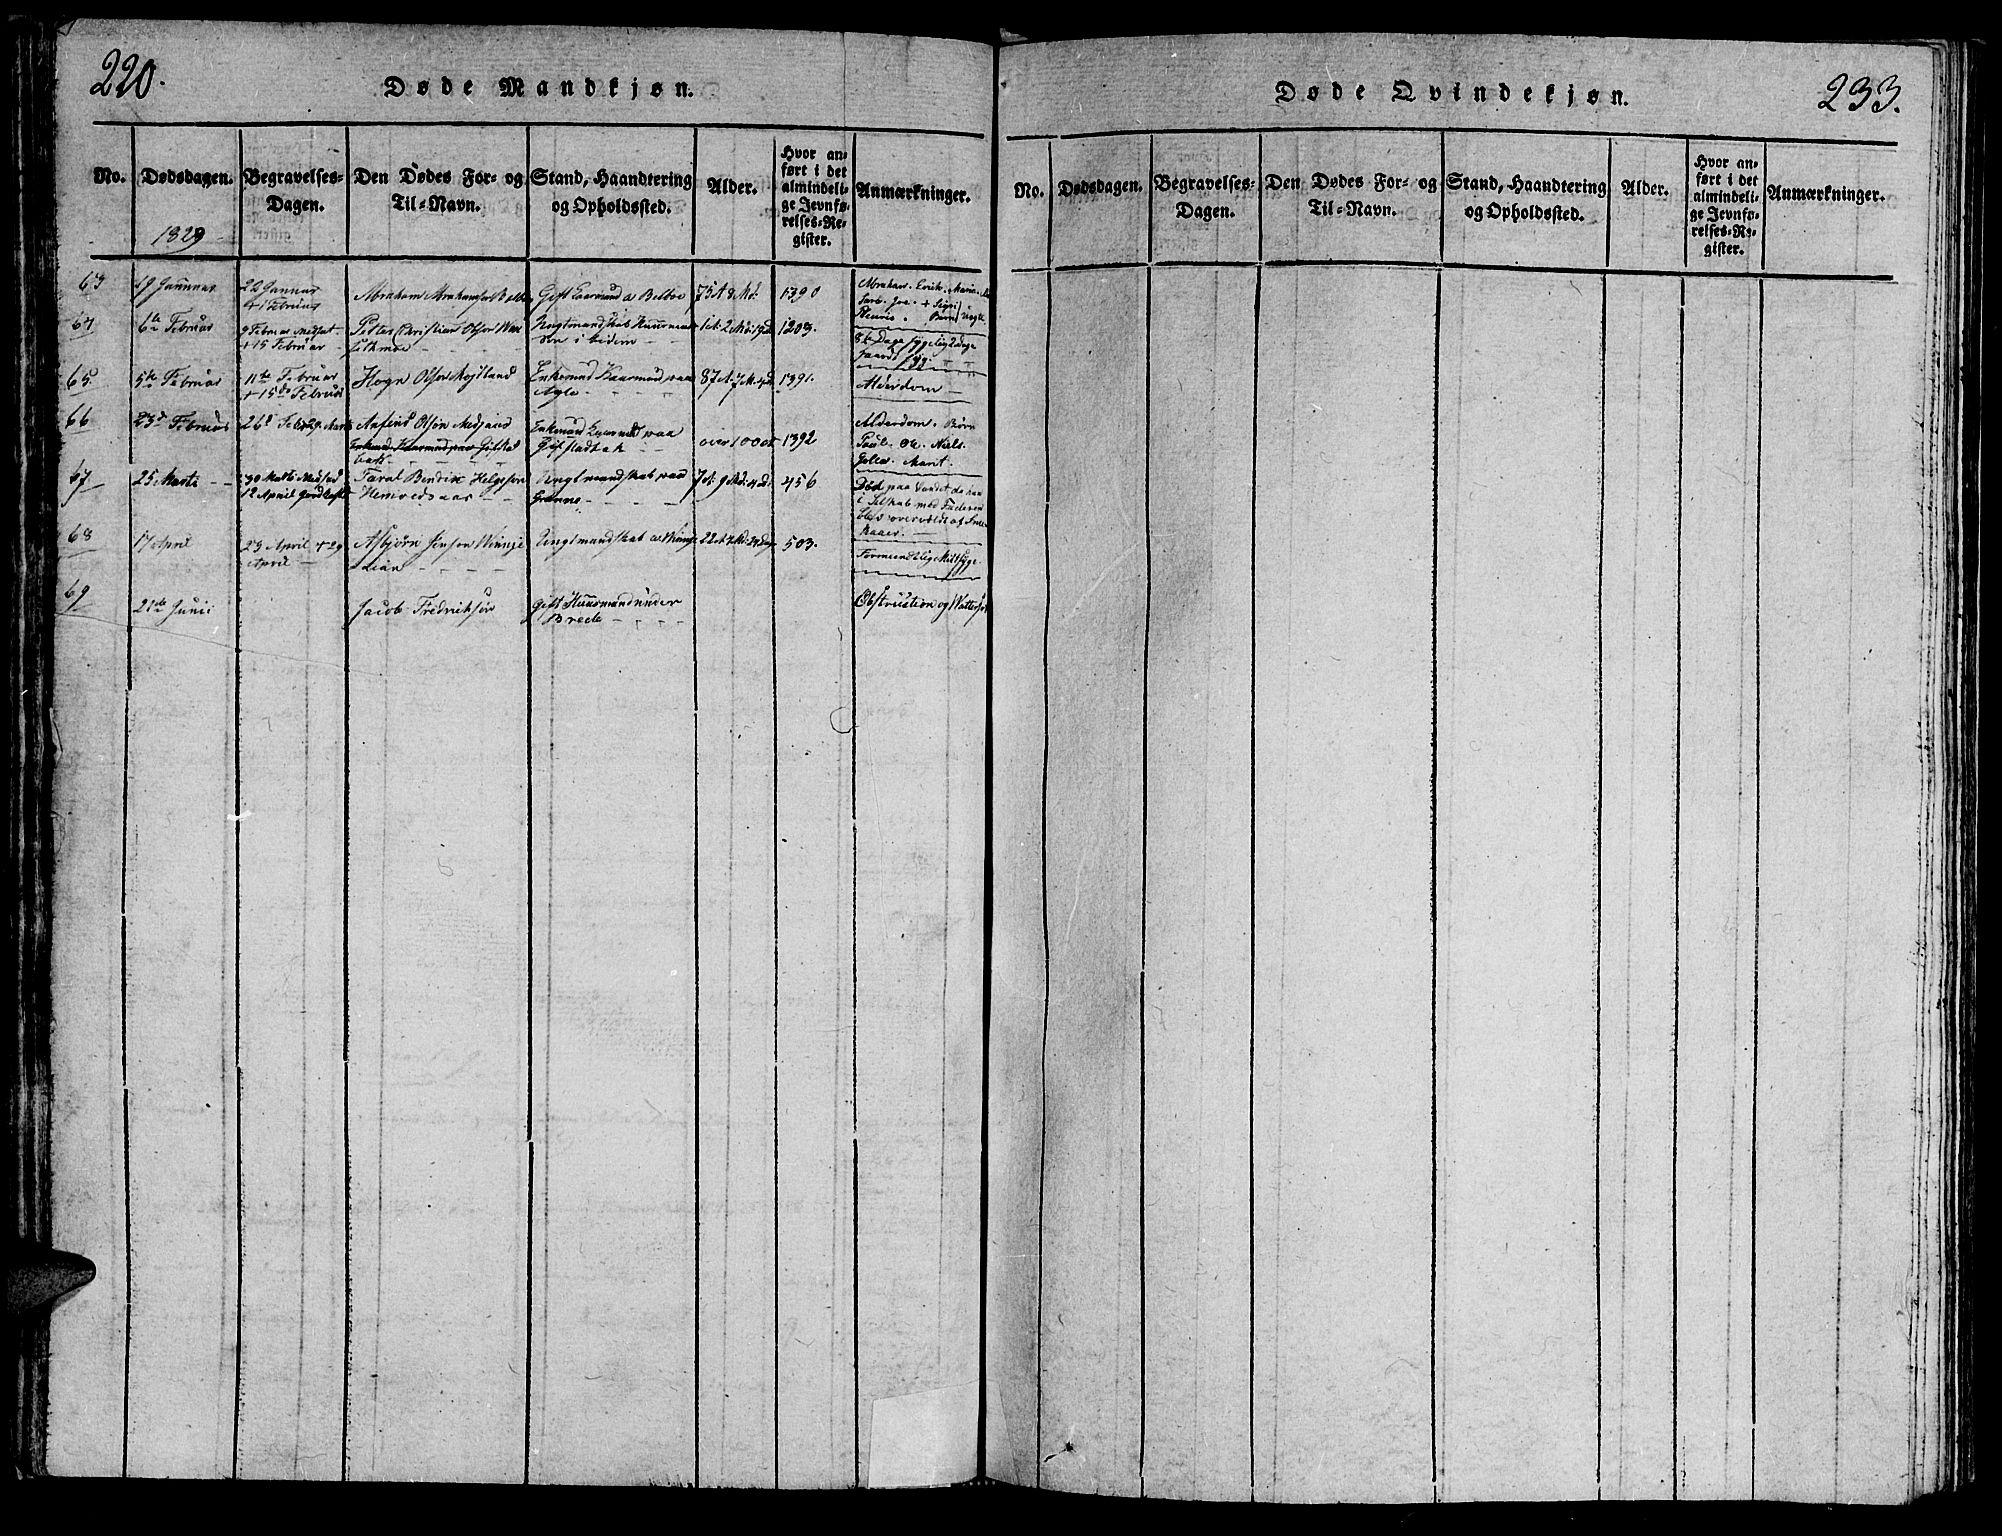 SAT, Ministerialprotokoller, klokkerbøker og fødselsregistre - Nord-Trøndelag, 749/L0479: Klokkerbok nr. 749C01, 1817-1829, s. 220-233